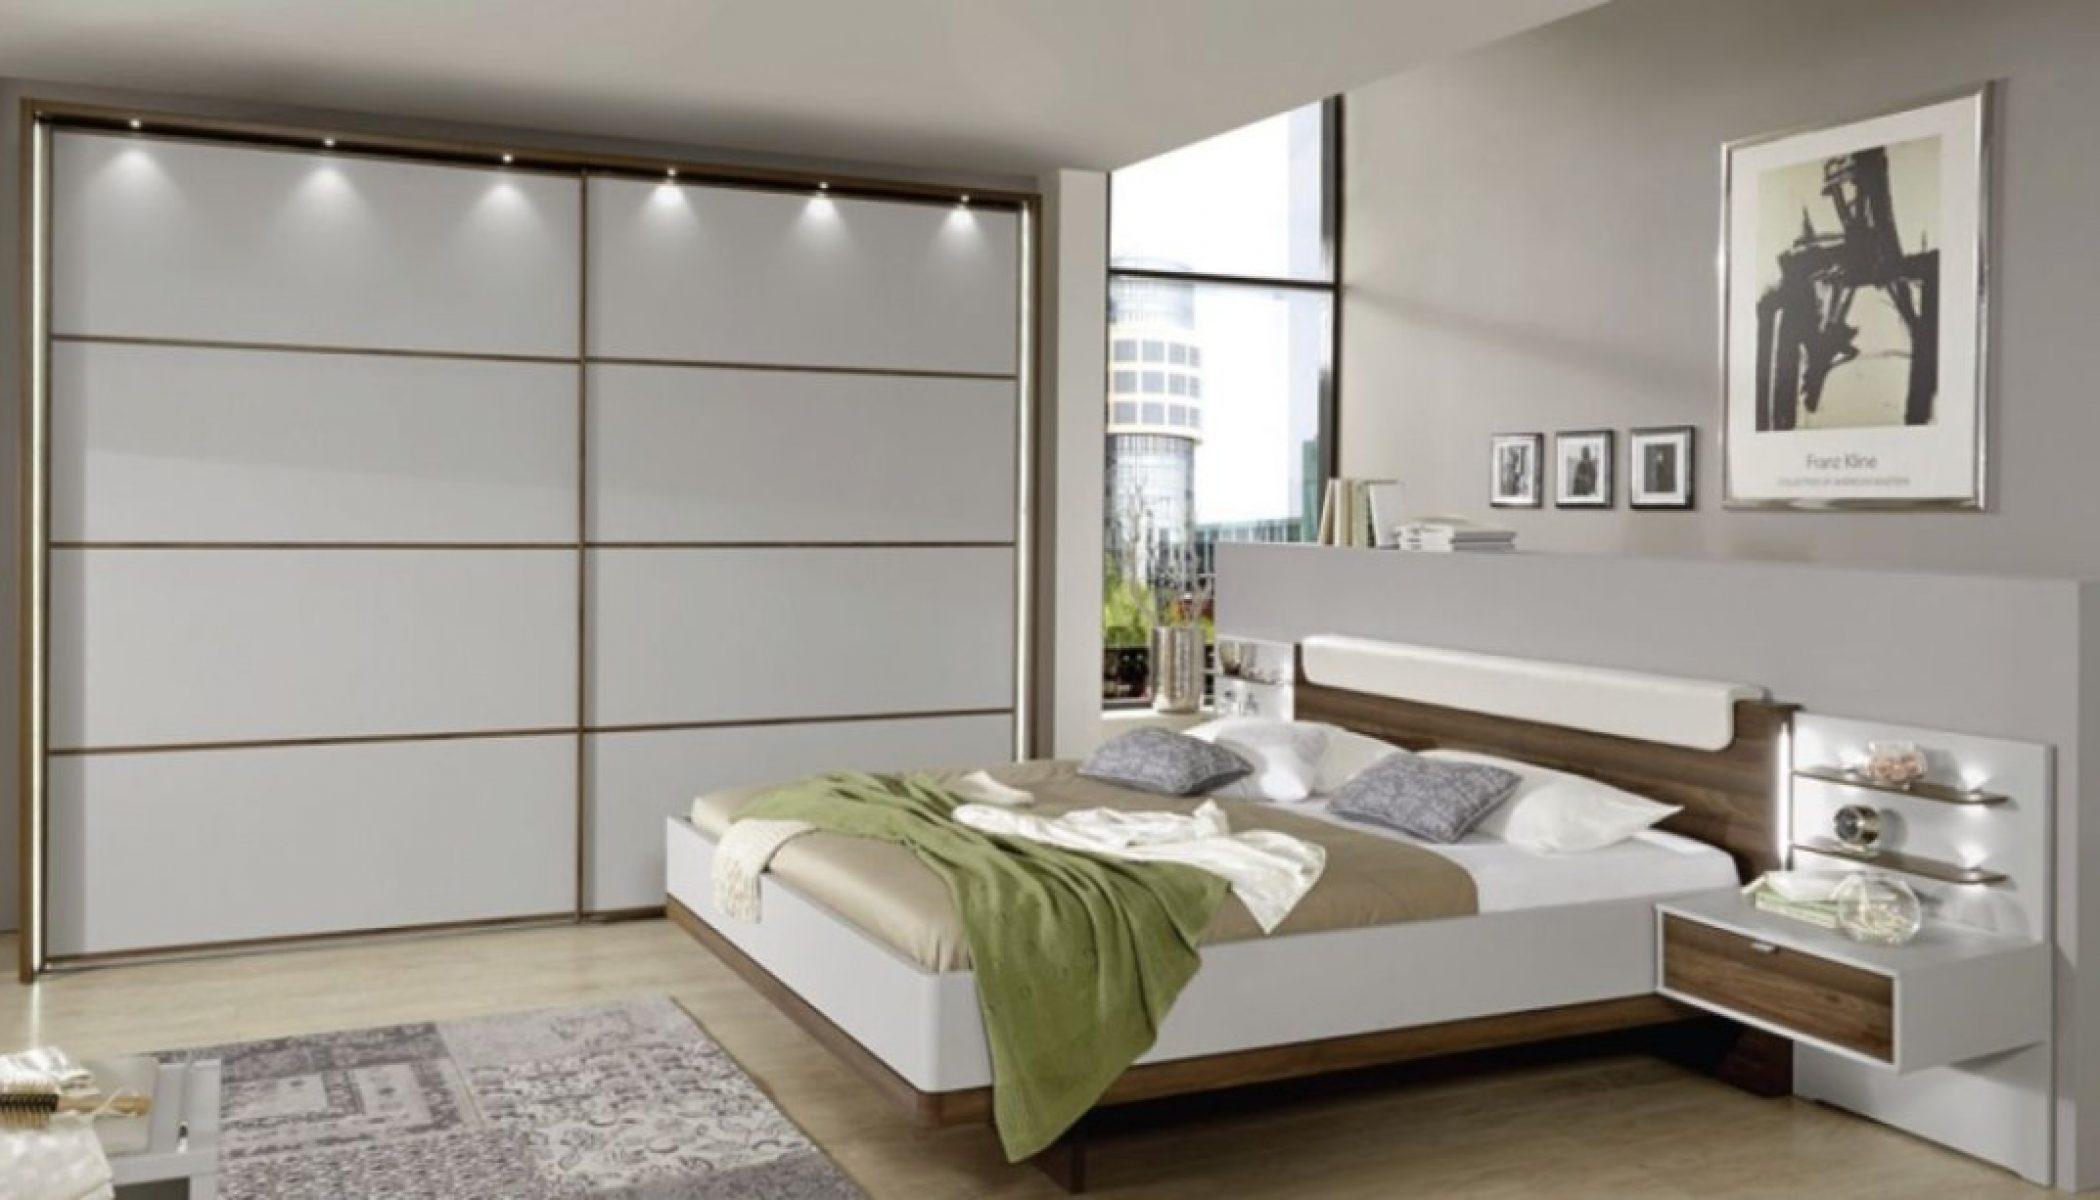 Chambres à coucher modernes - Meubles Moens